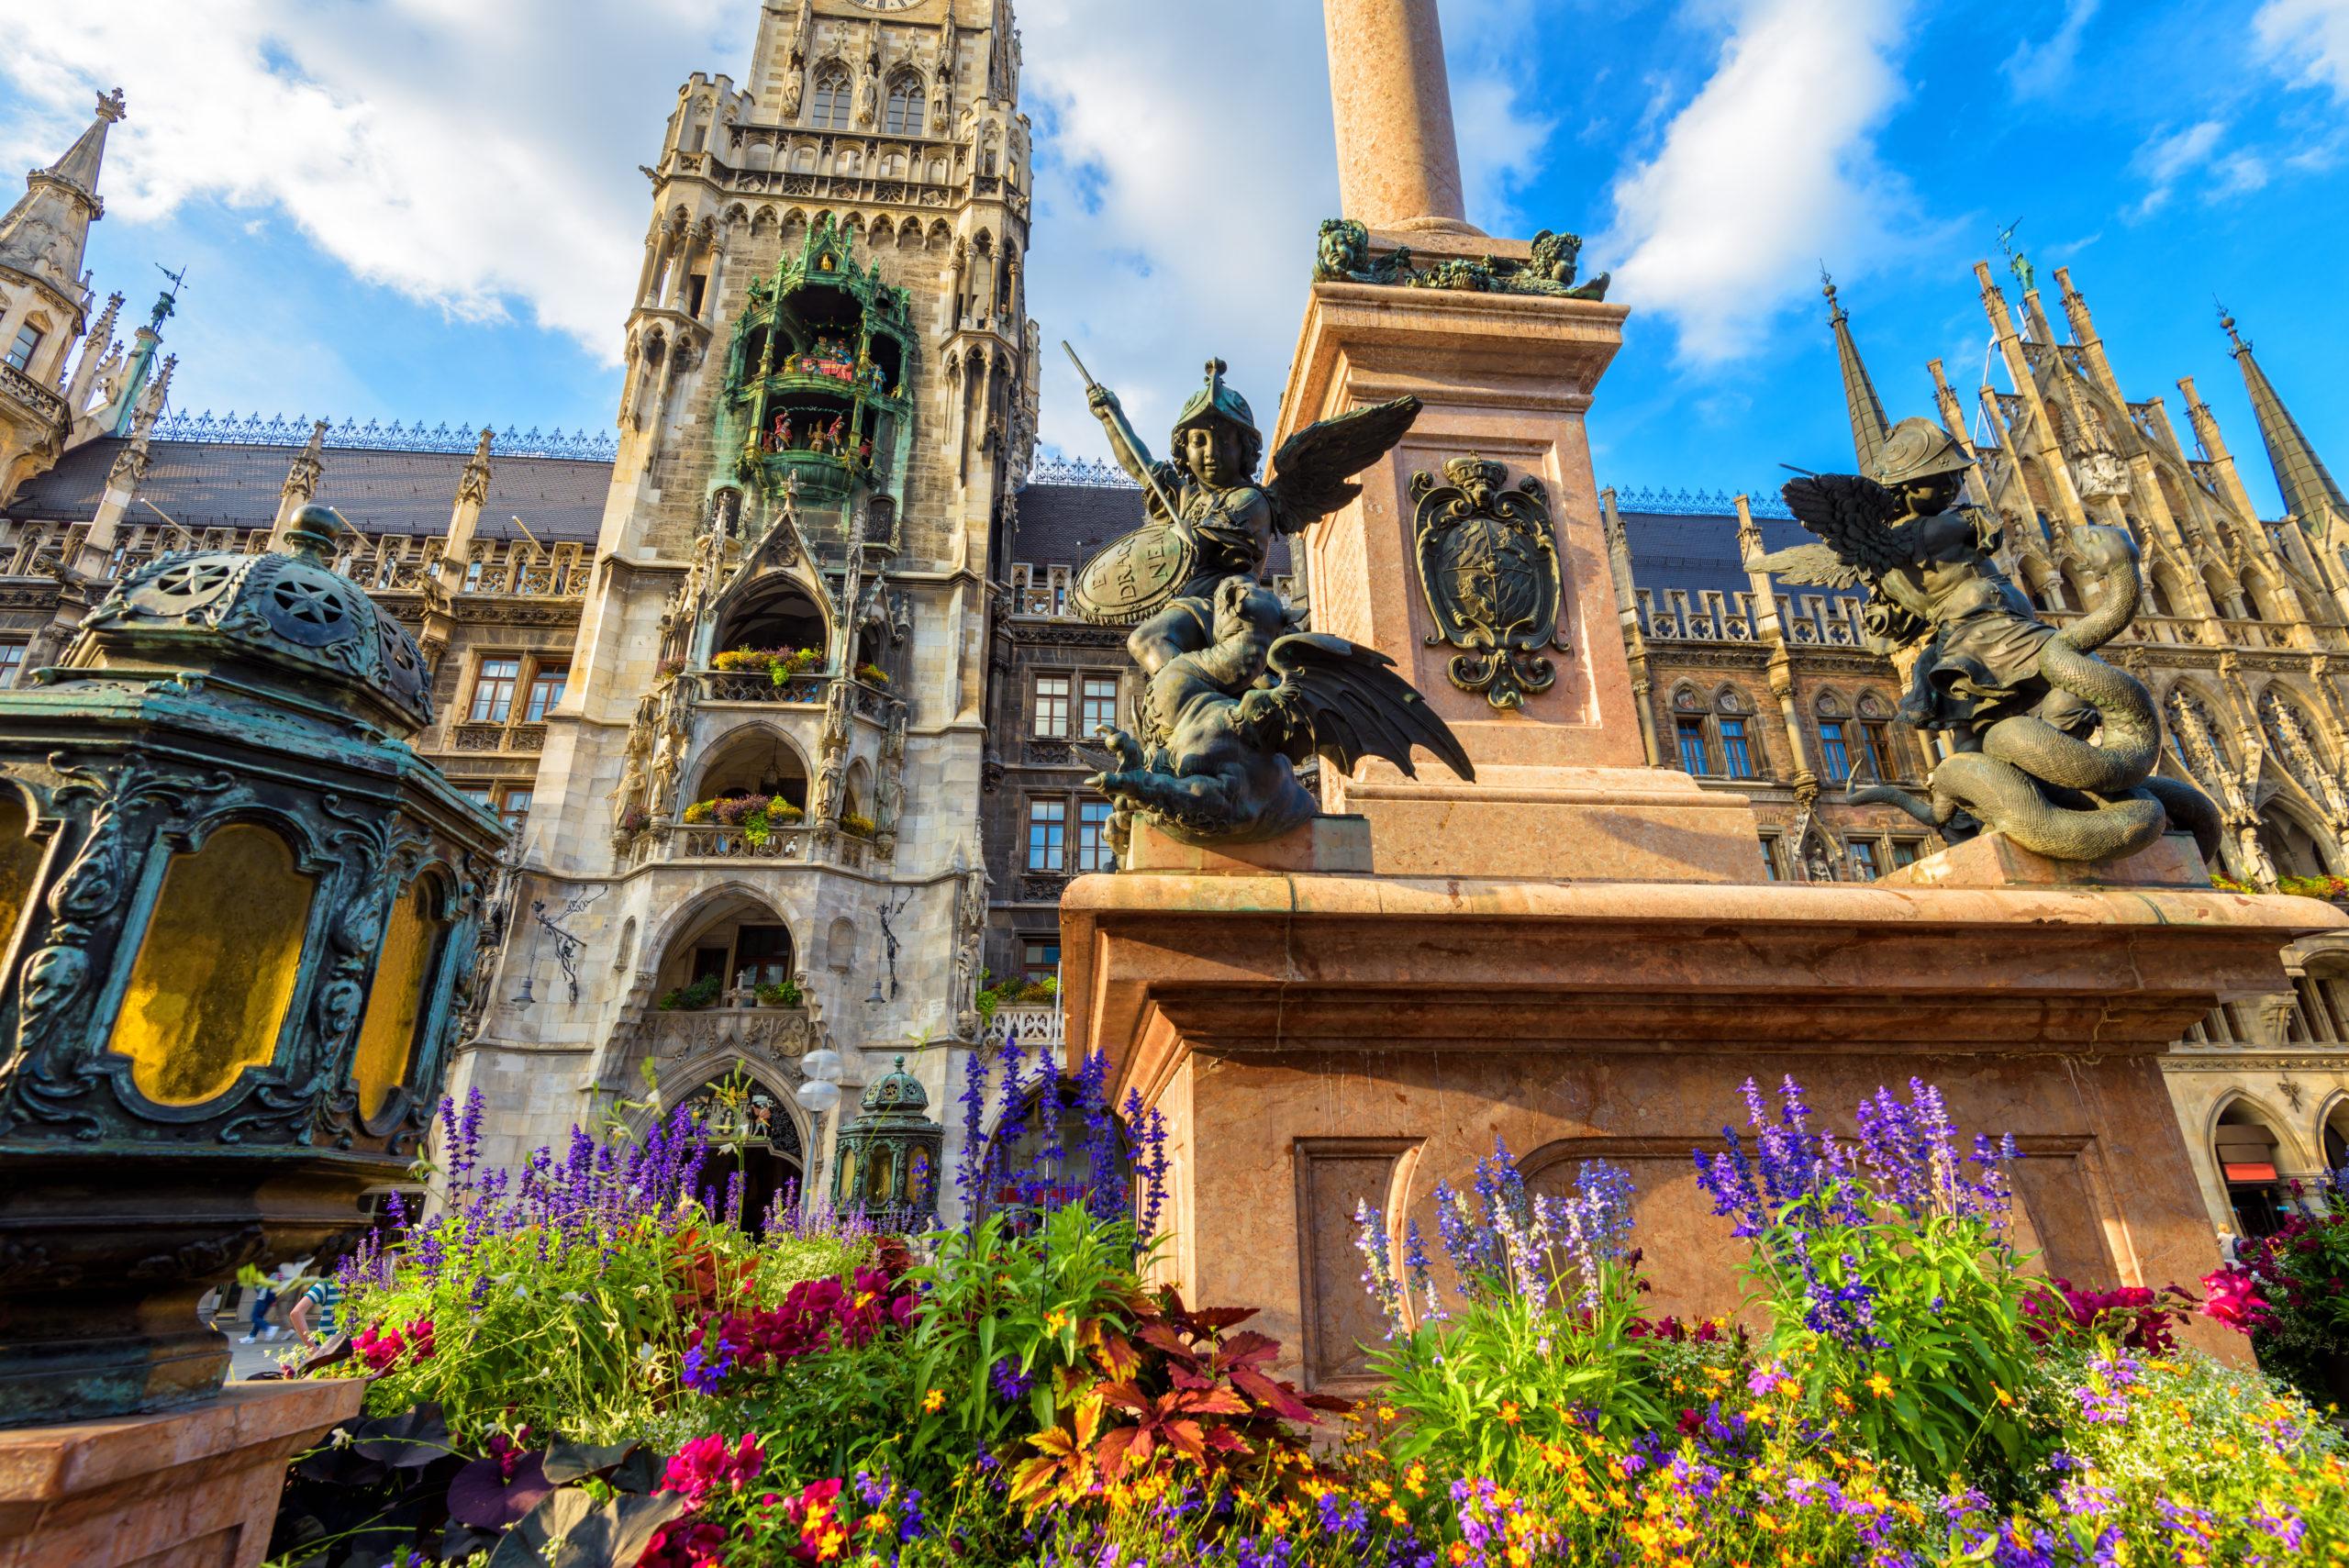 ein schönes Bild von dem Marienplatz im Sommer in München